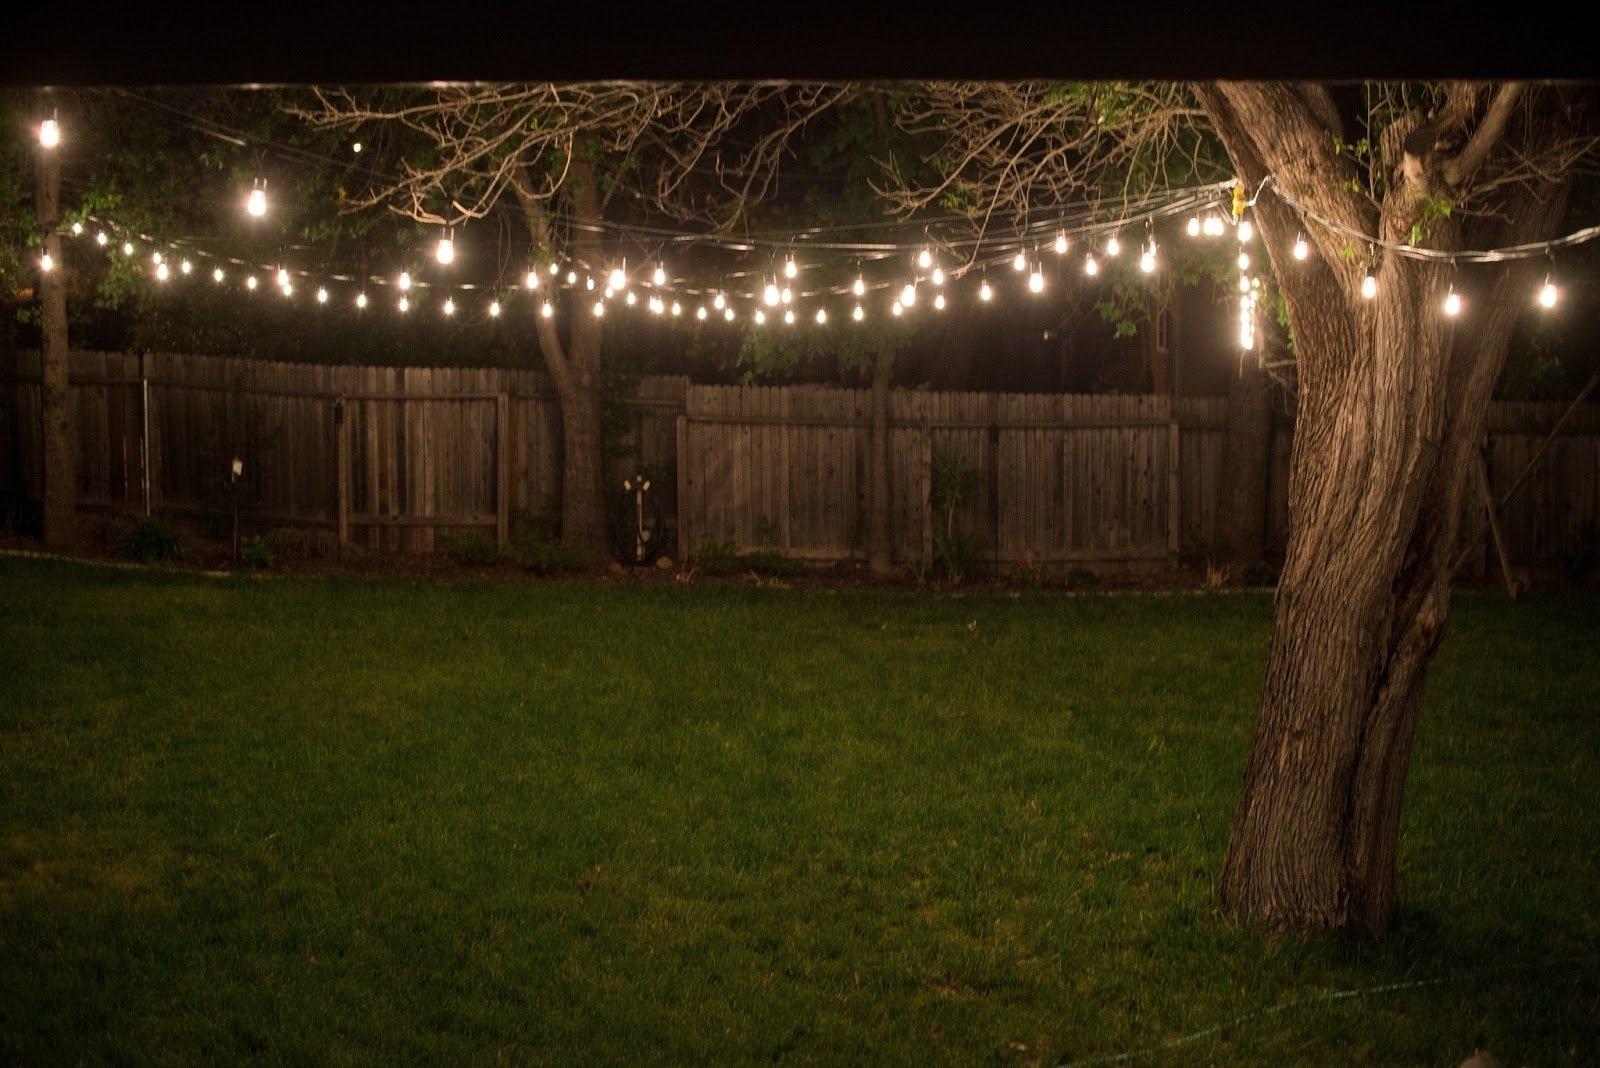 2018 Garden Outdoor String Lights – Florist H&g Intended For Garden And Outdoor String Lights (View 14 of 20)